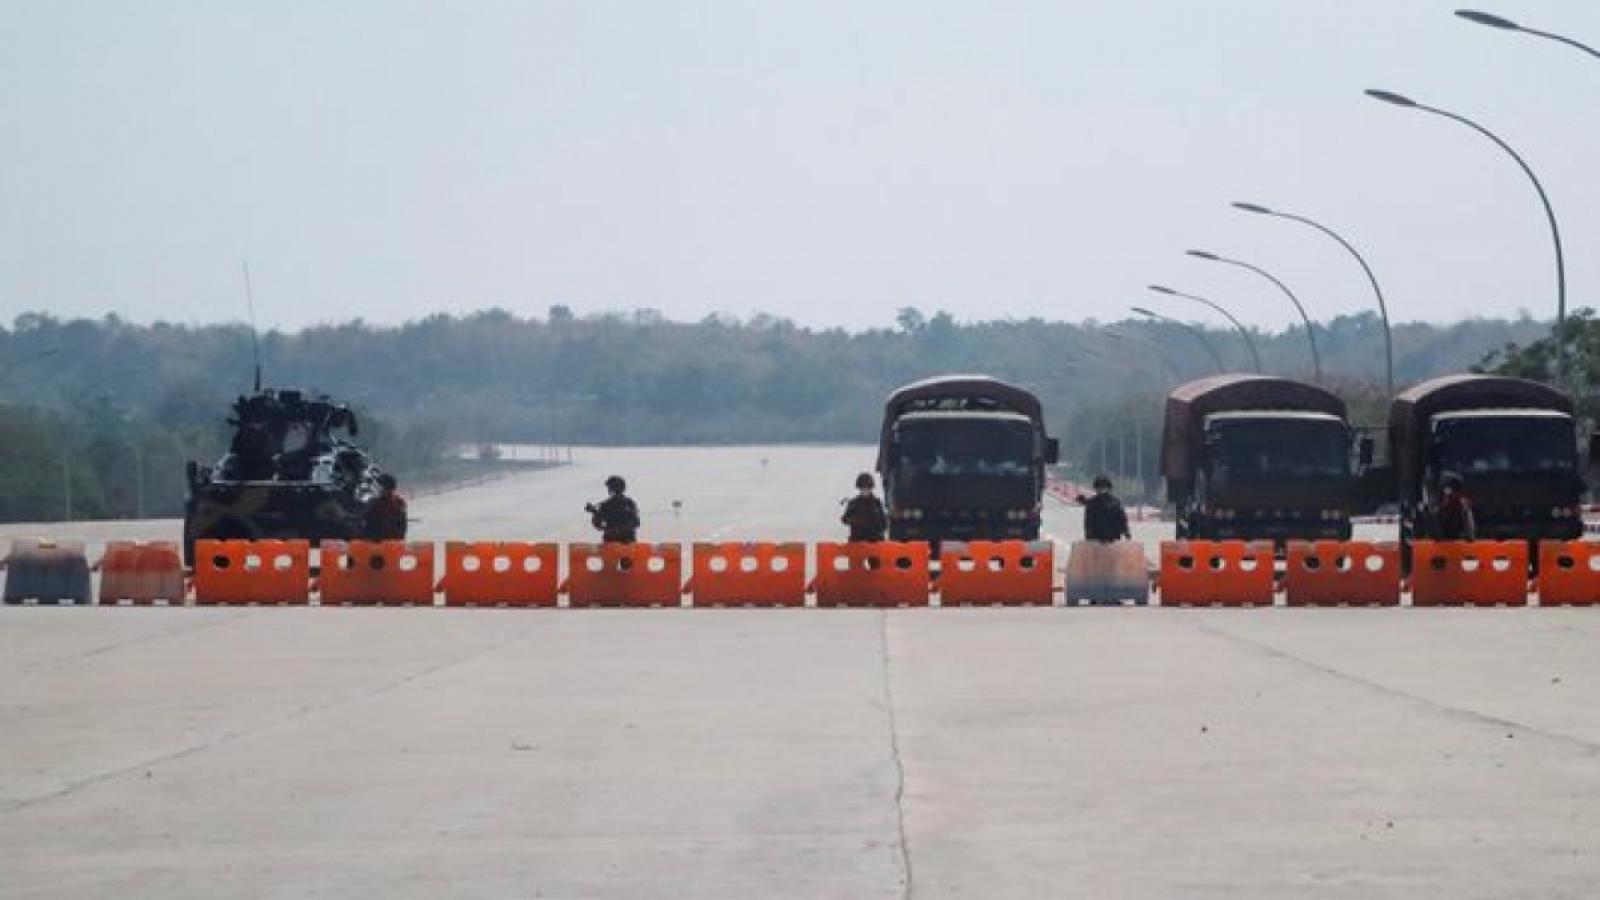 Liên Hợp Quốc chưa nhất trí tuyên bố chung về cuộc binh biến tại Myanmar